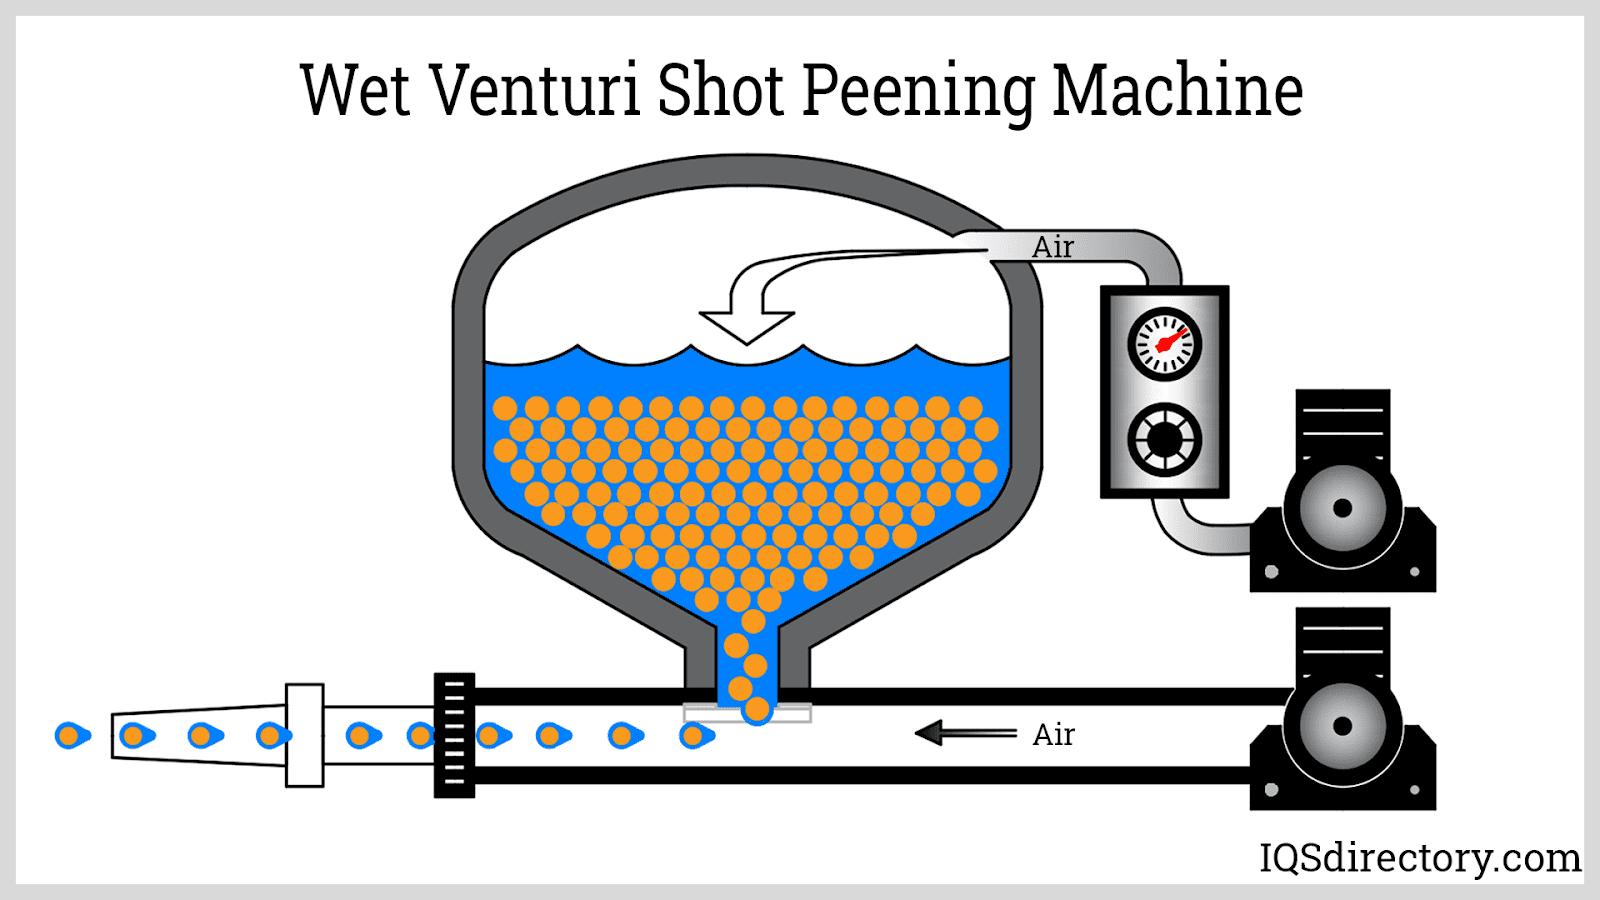 Wet Venturi Shot Peening Machine